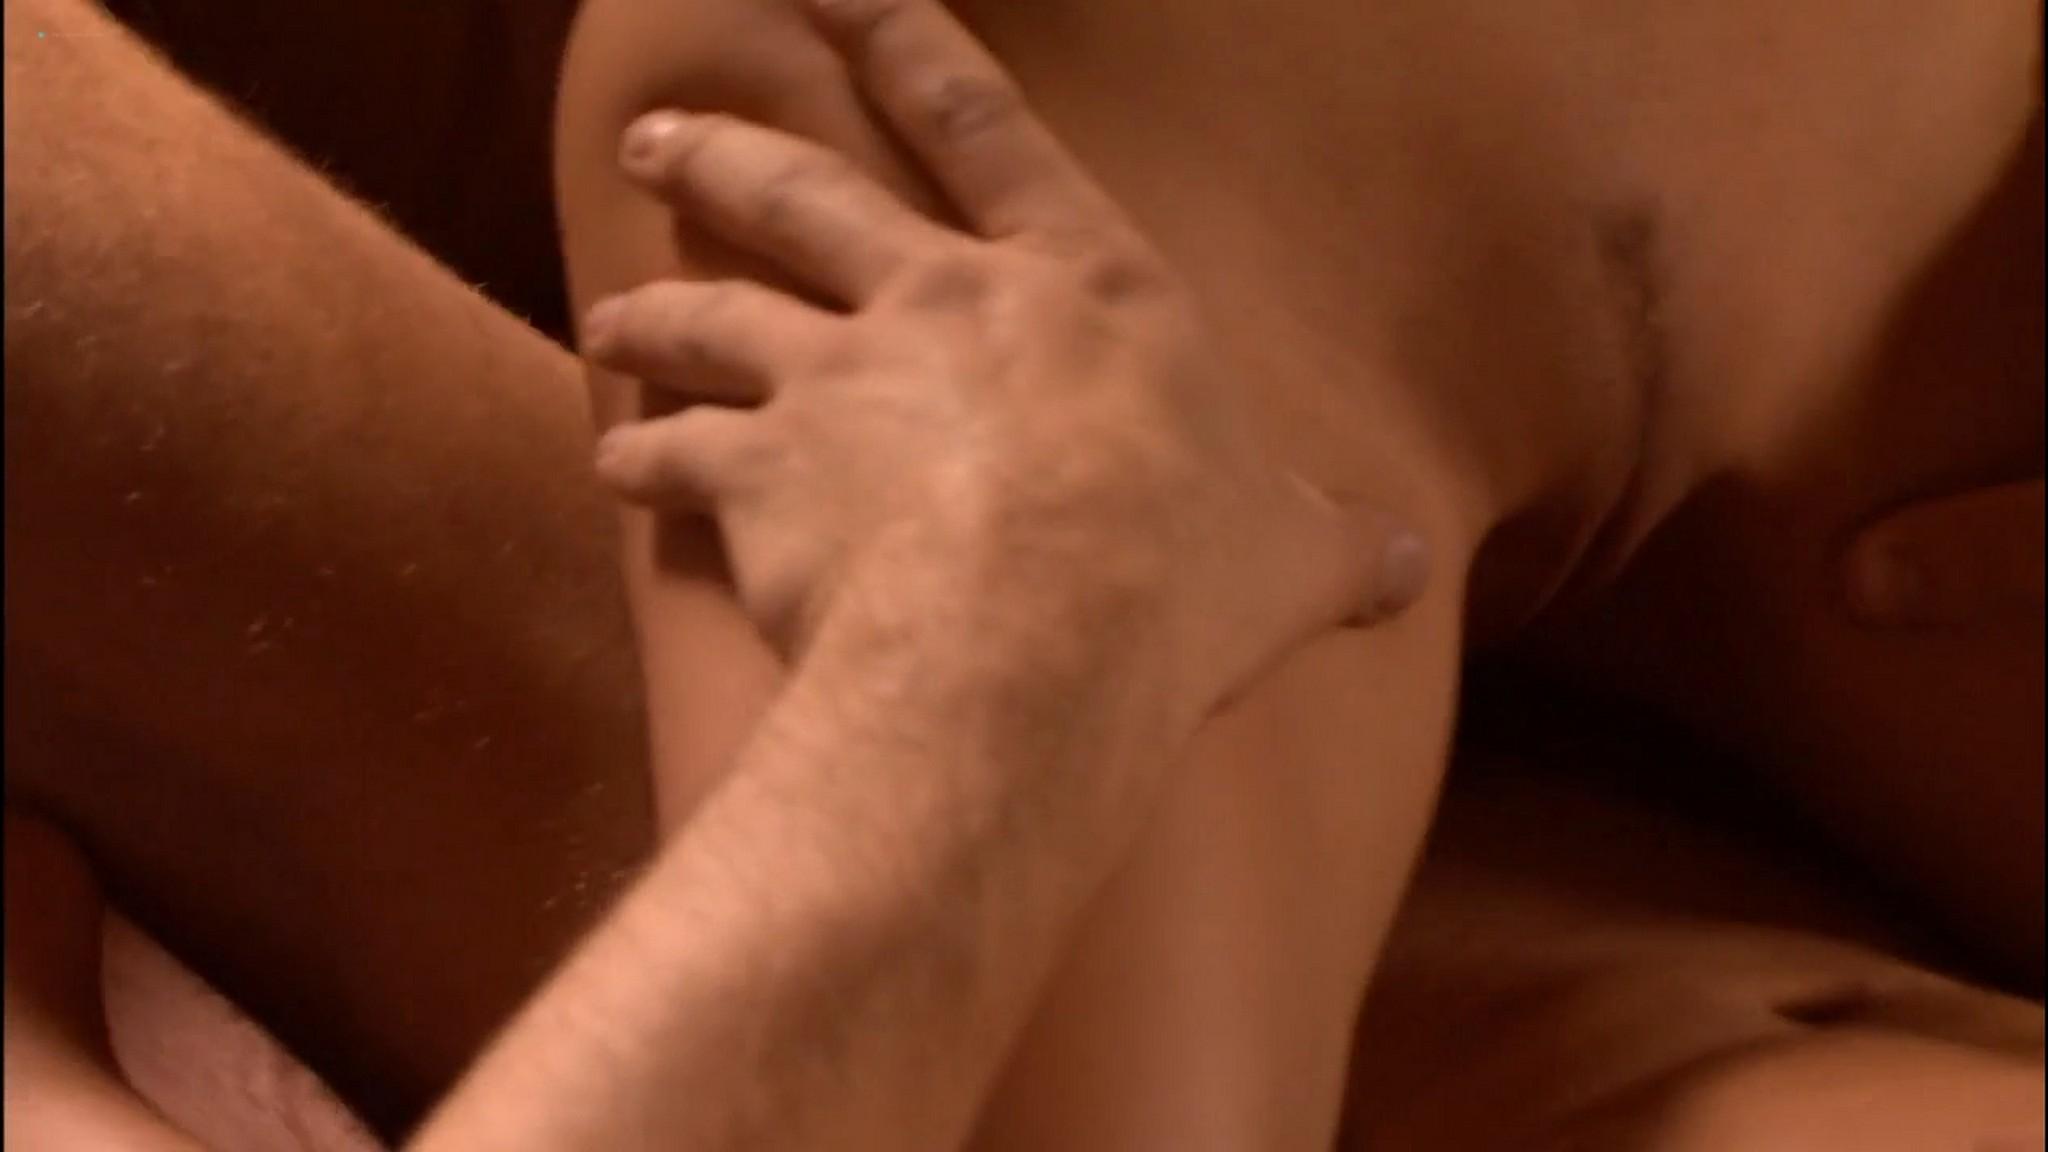 Lana Tailor nude sex Jennifer Korbin, Alyson Bath, and others nude - Lingerie (2009) s1e4 HD 720p (15)